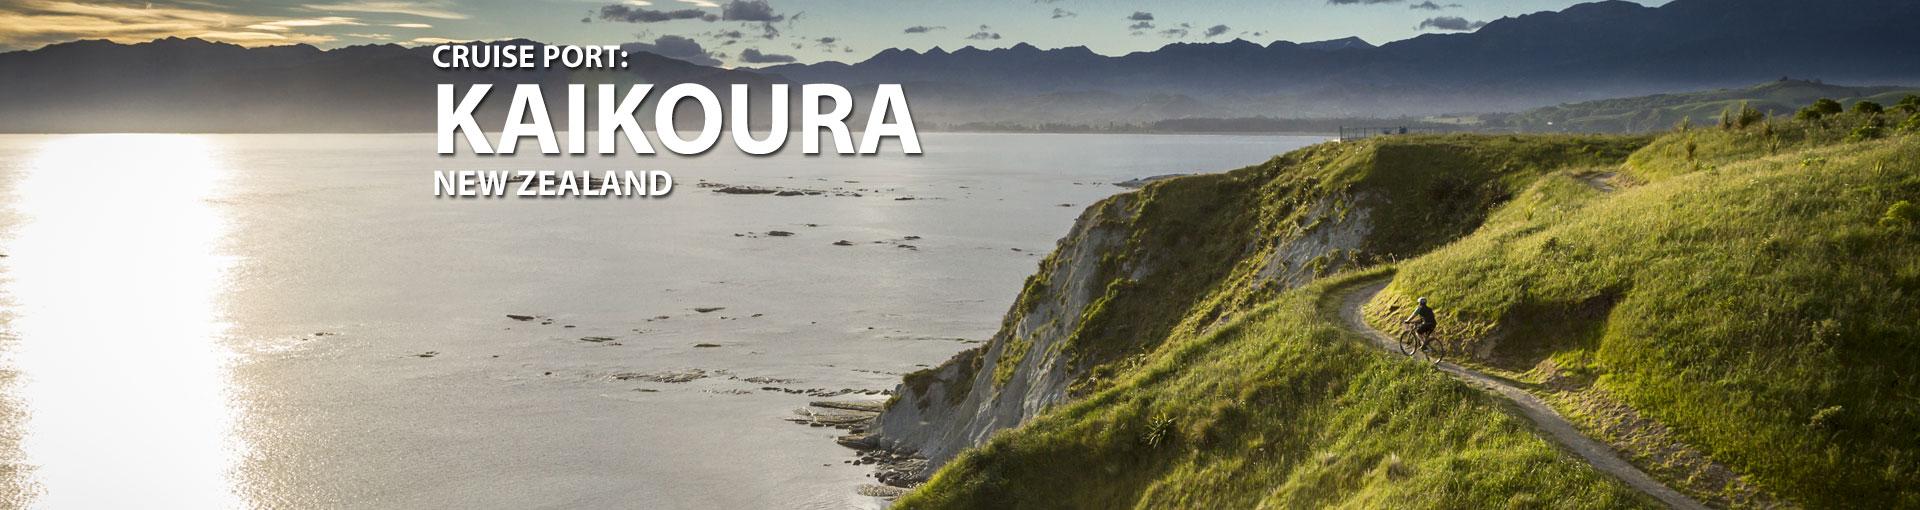 Cruises to Kaikoura, New Zealand